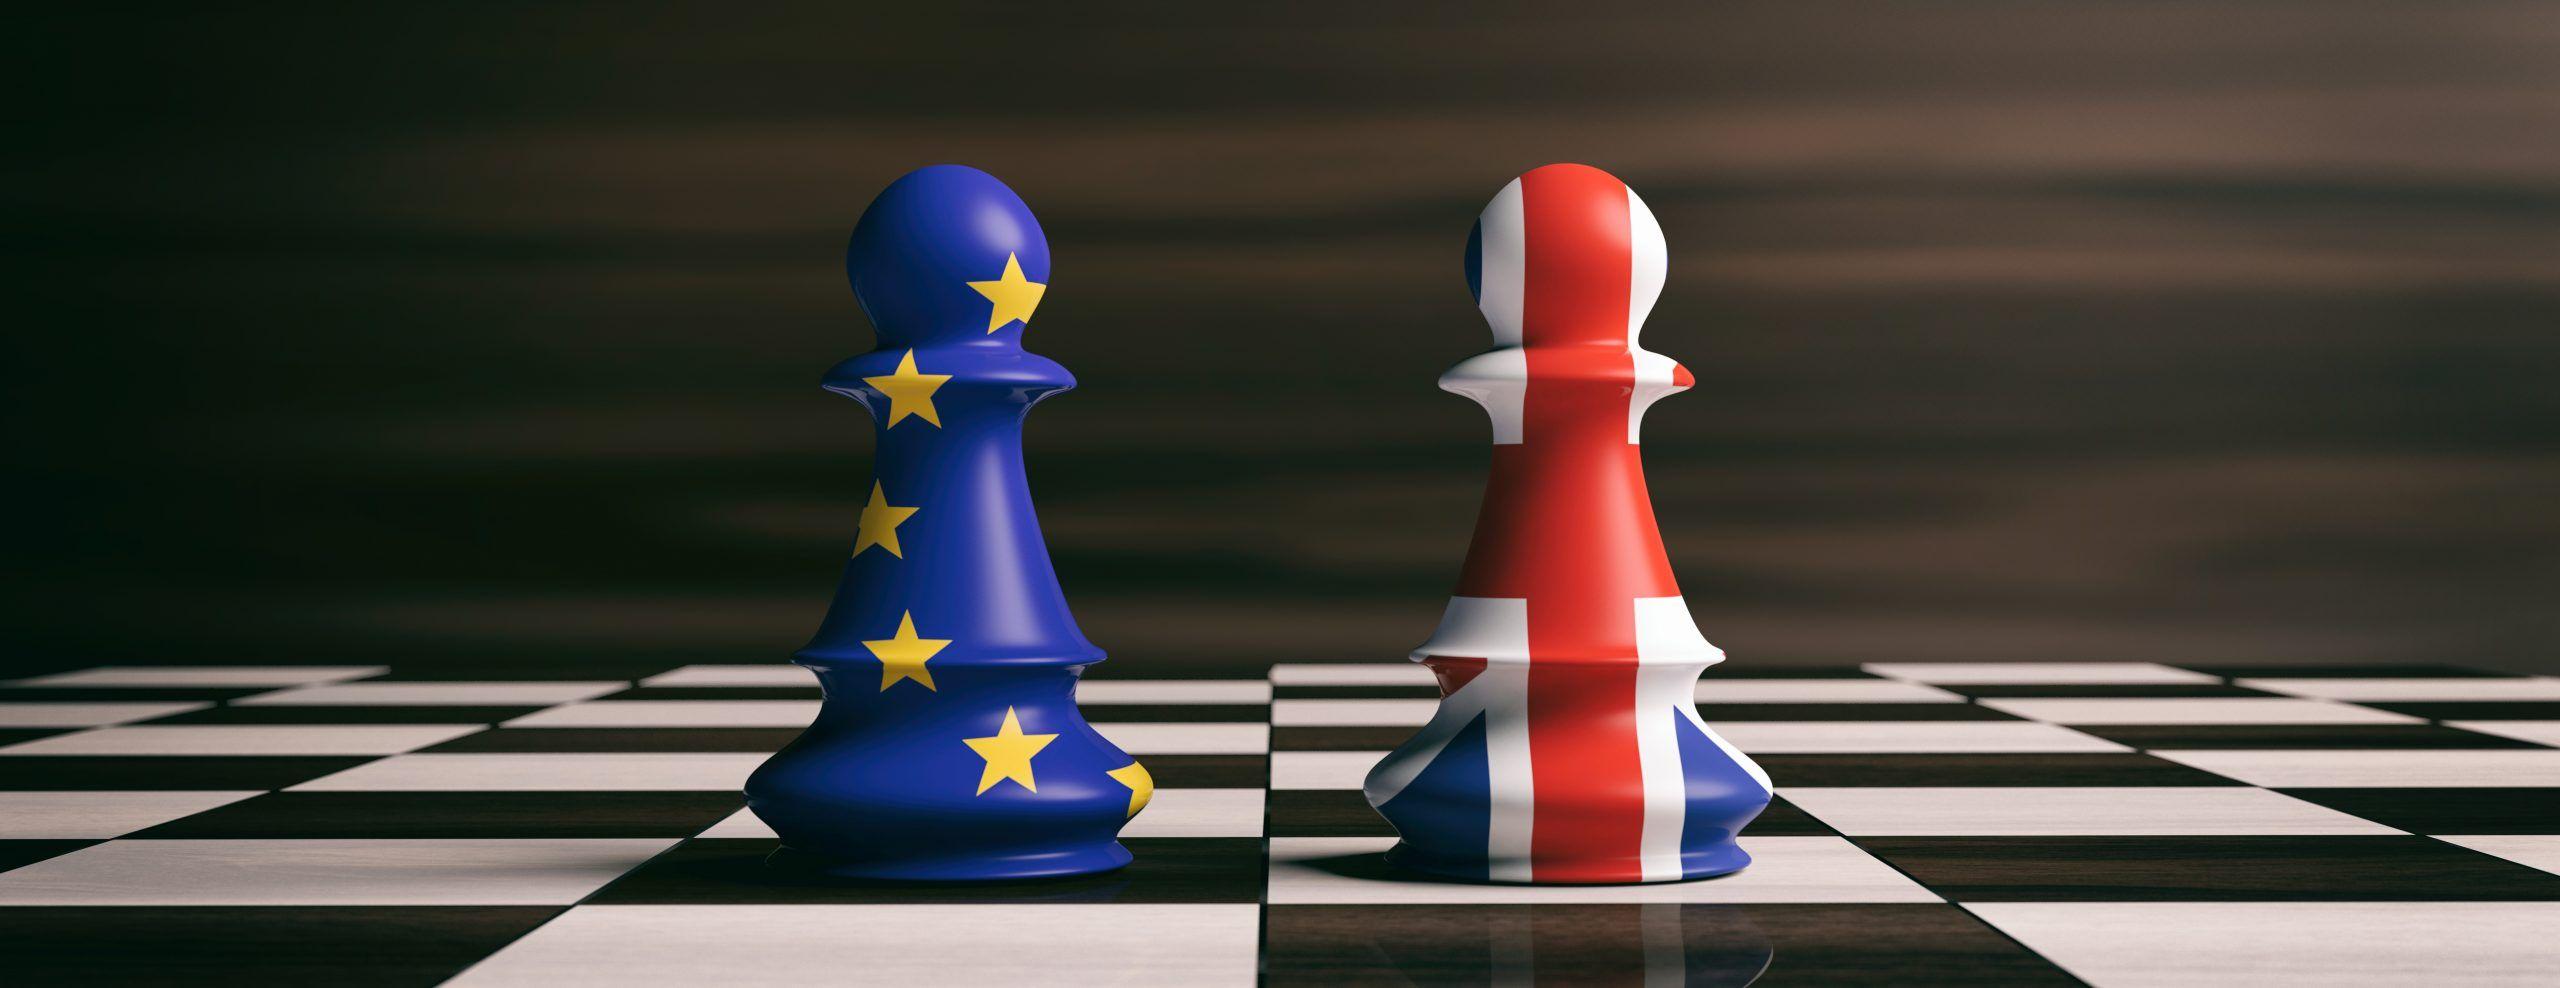 Separación Reino Unido de Europa